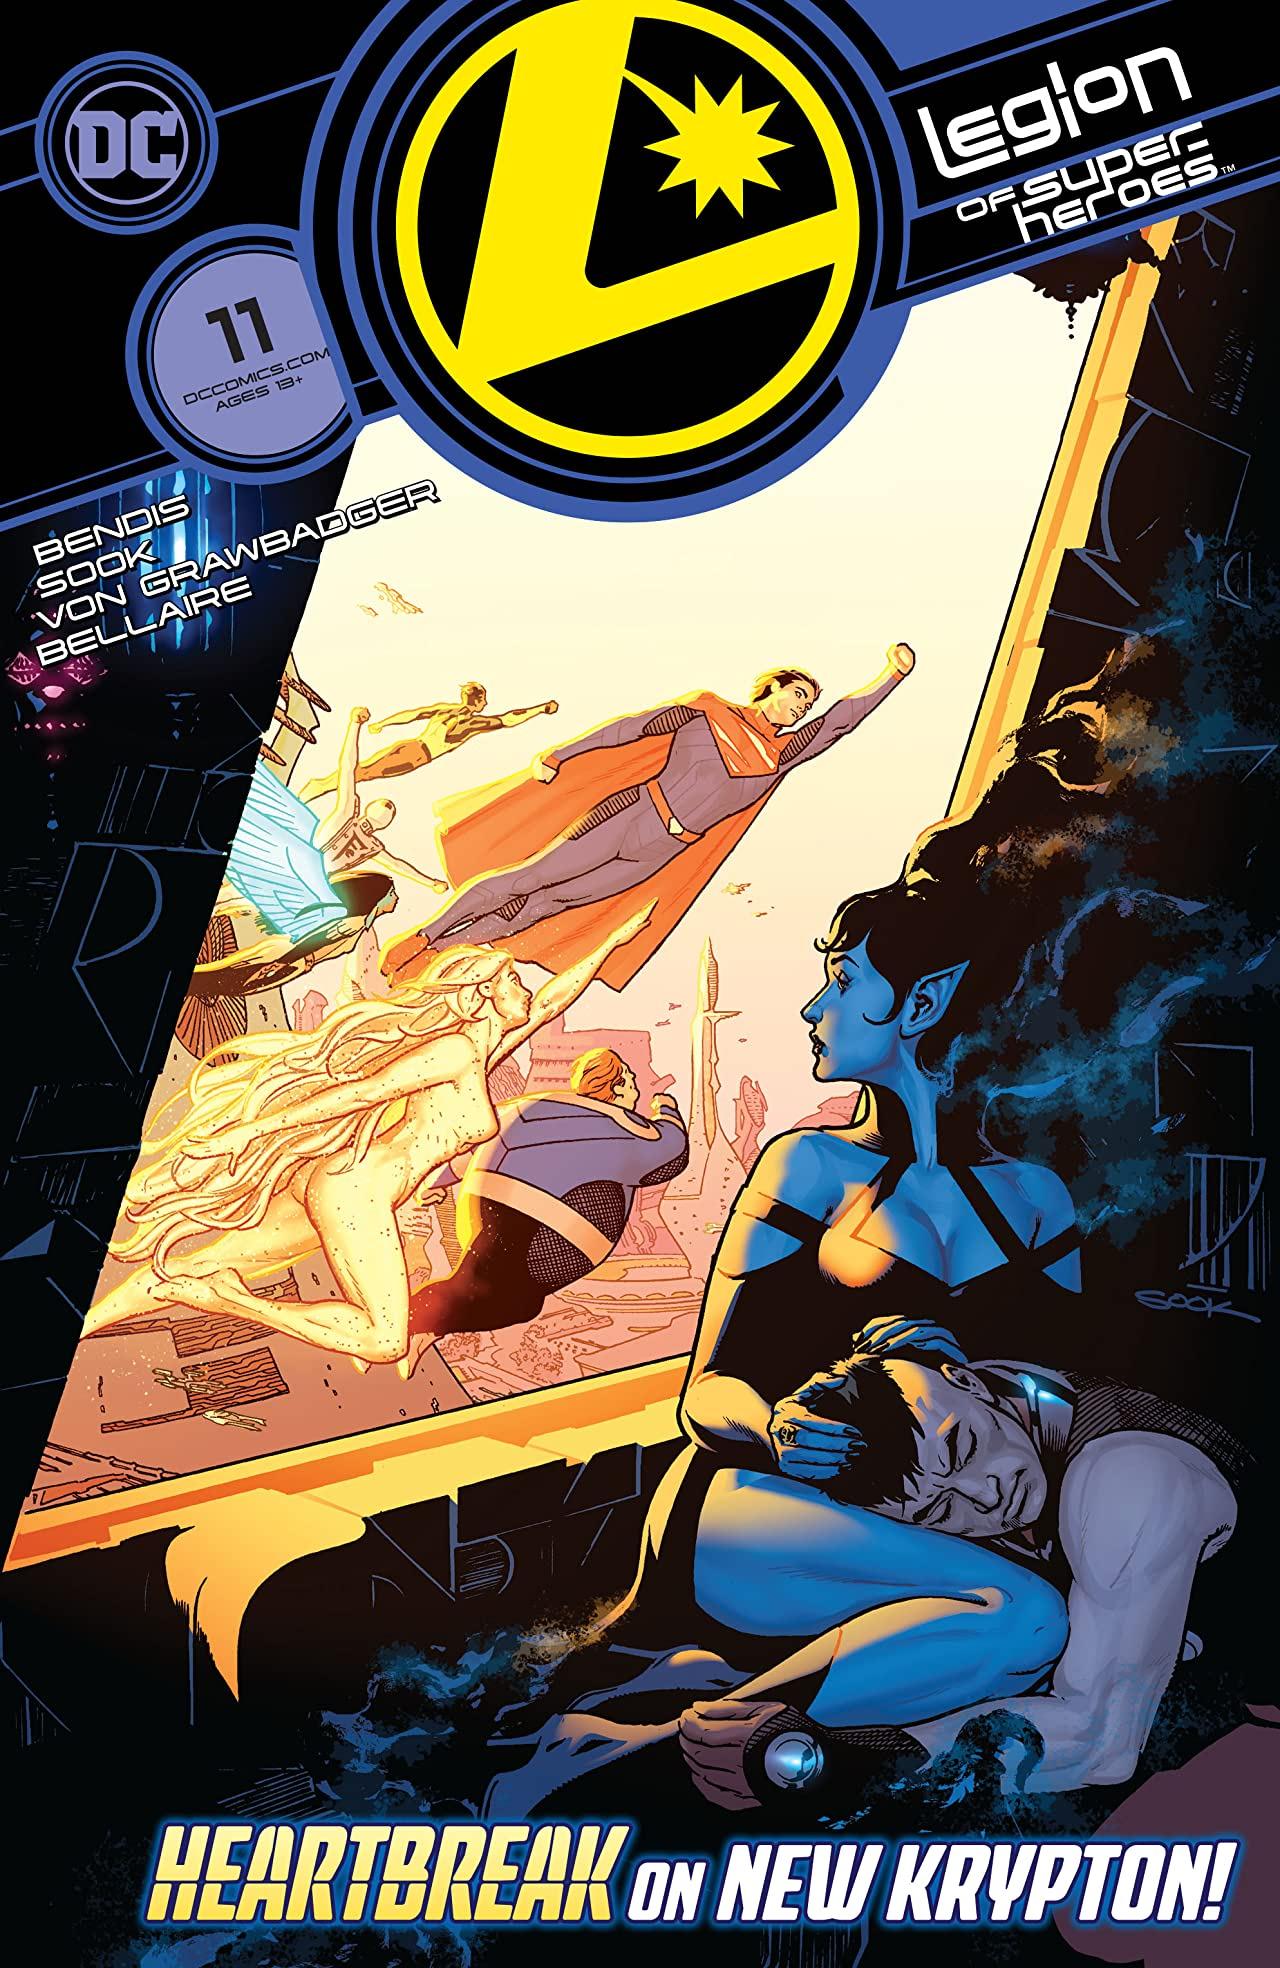 Legion of Super-Heroes #11 (2020)